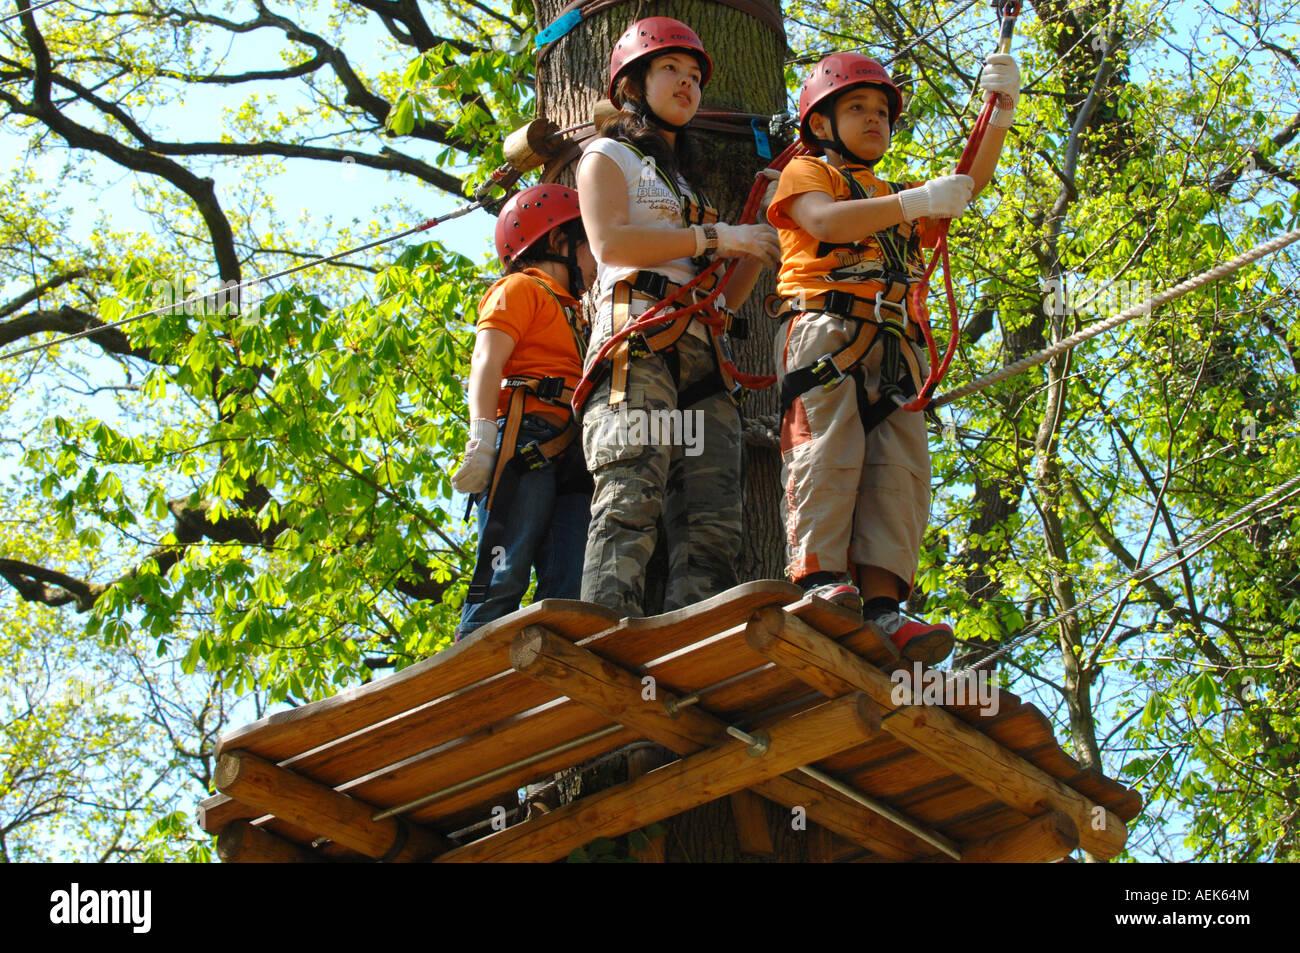 Kletterausrüstung Wiesbaden : Kinder mit kletterausrüstung klettern wald neroberg wiesbaden